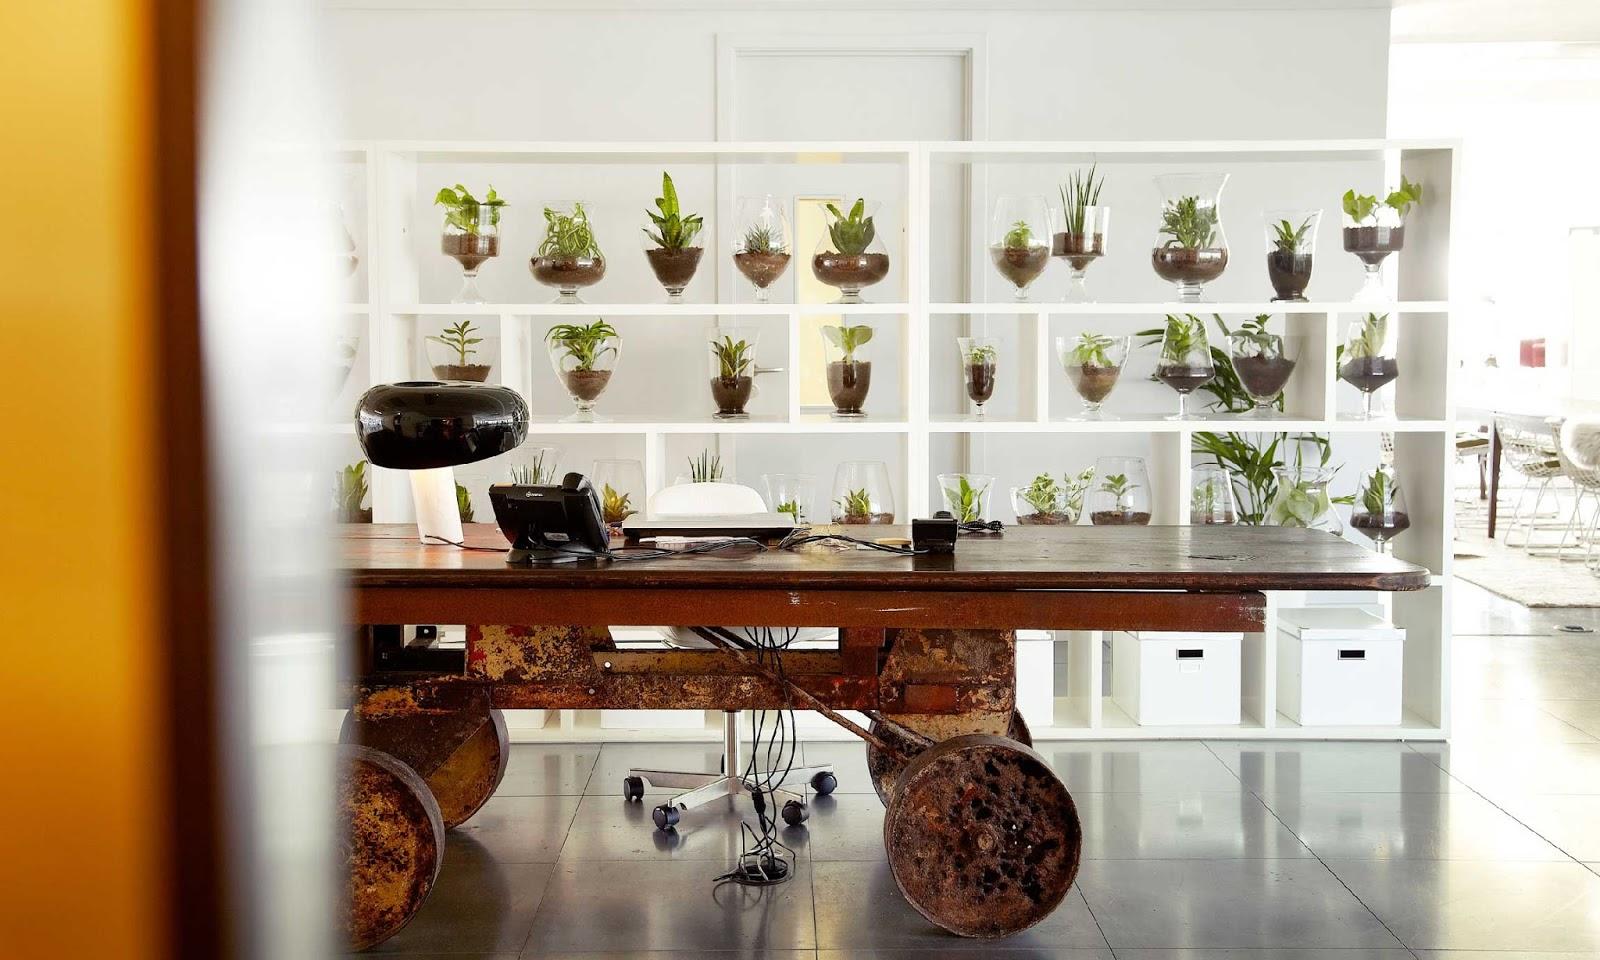 Ikea Apothekerschrank Demontage ~ aquí la colección Nada que envidiar a las grandes, ¿no os parece